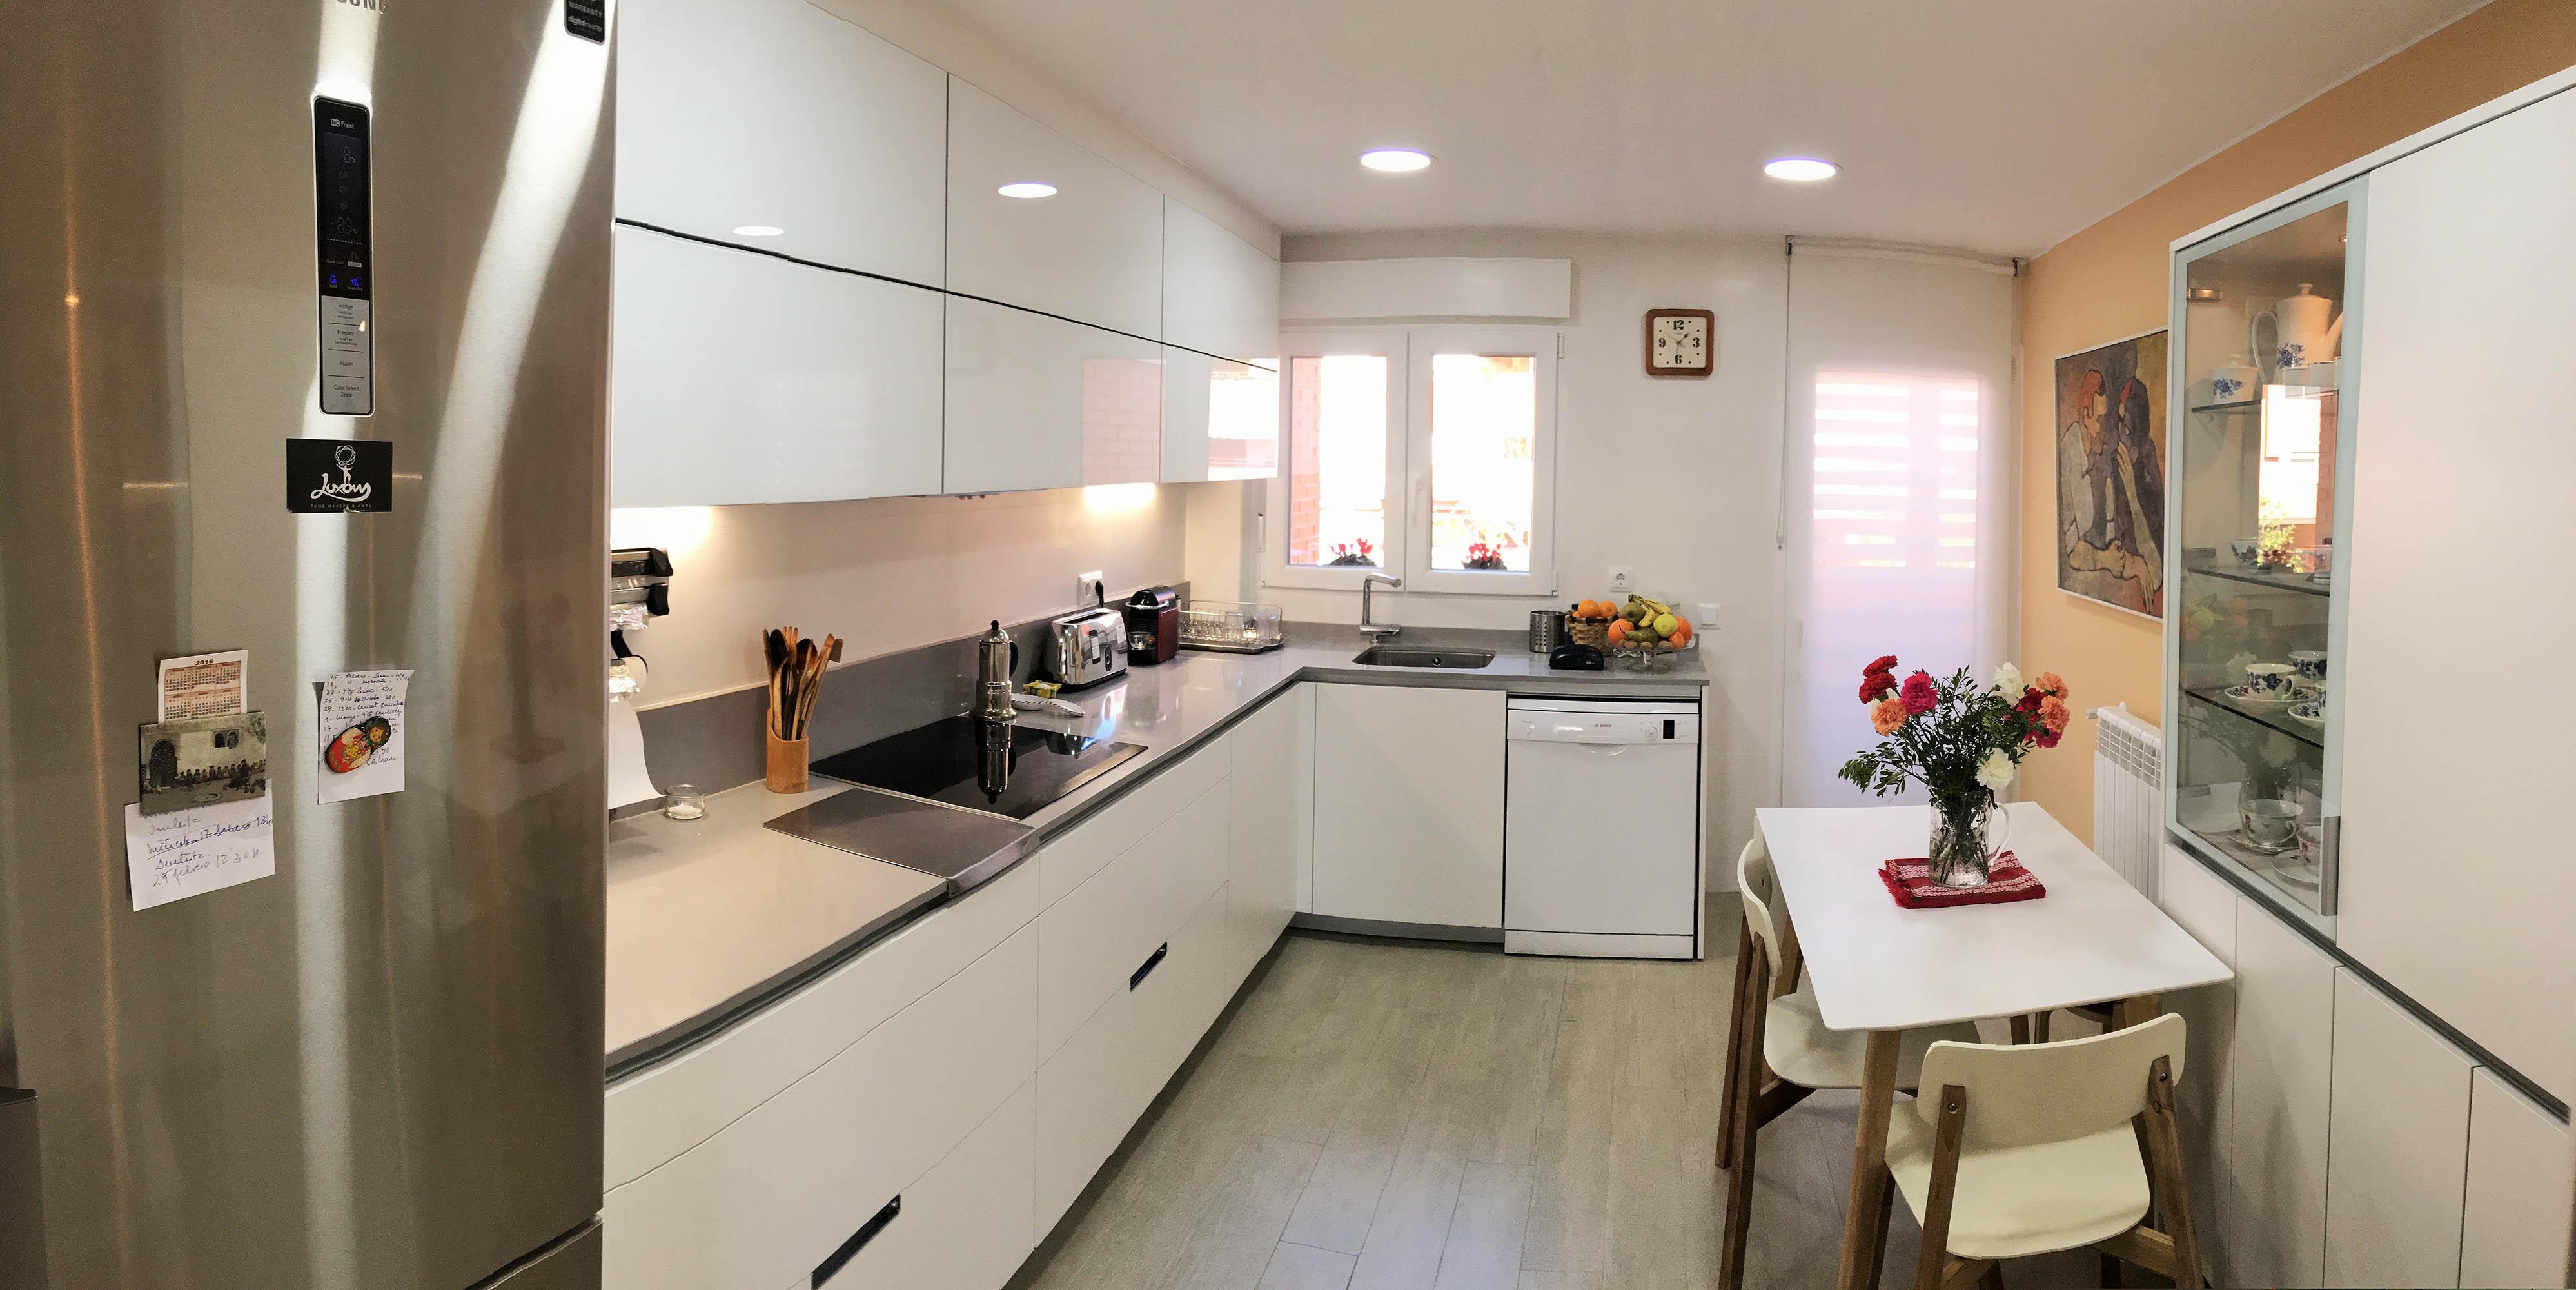 Cocina en alcobendas santos muebles de cocina for Enseres para cocina